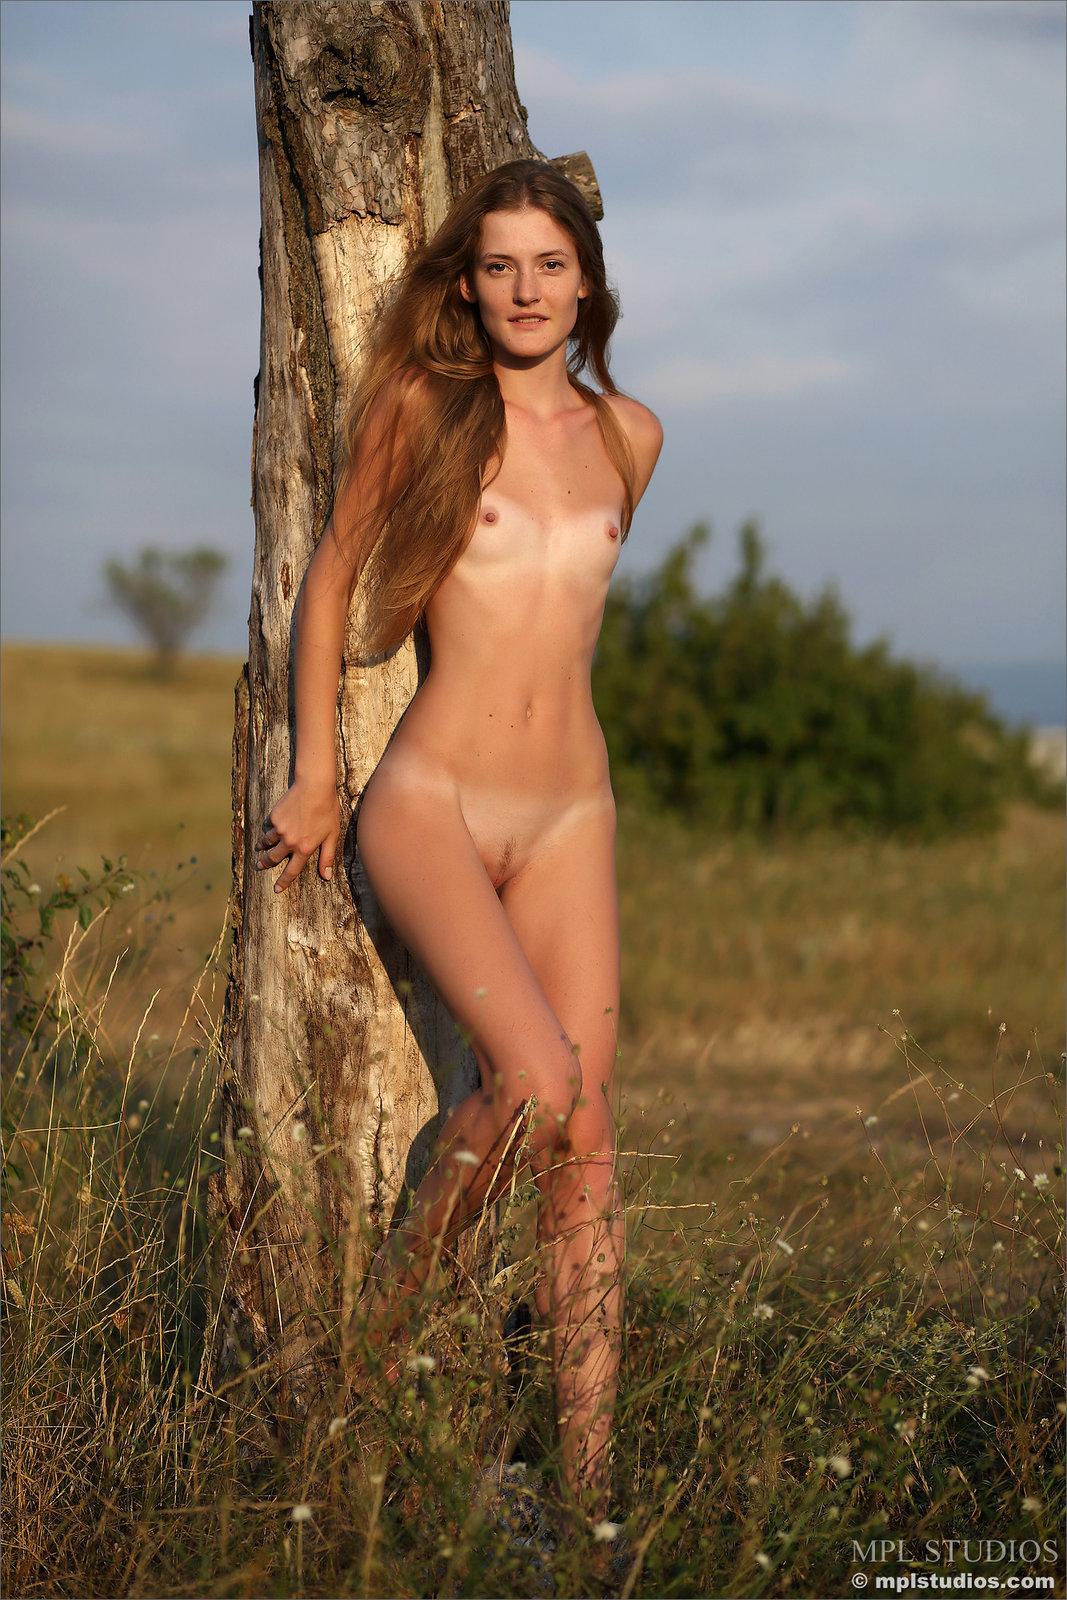 Zdjęcie porno - 065 - Laseczka na łące ma sterczące piersi